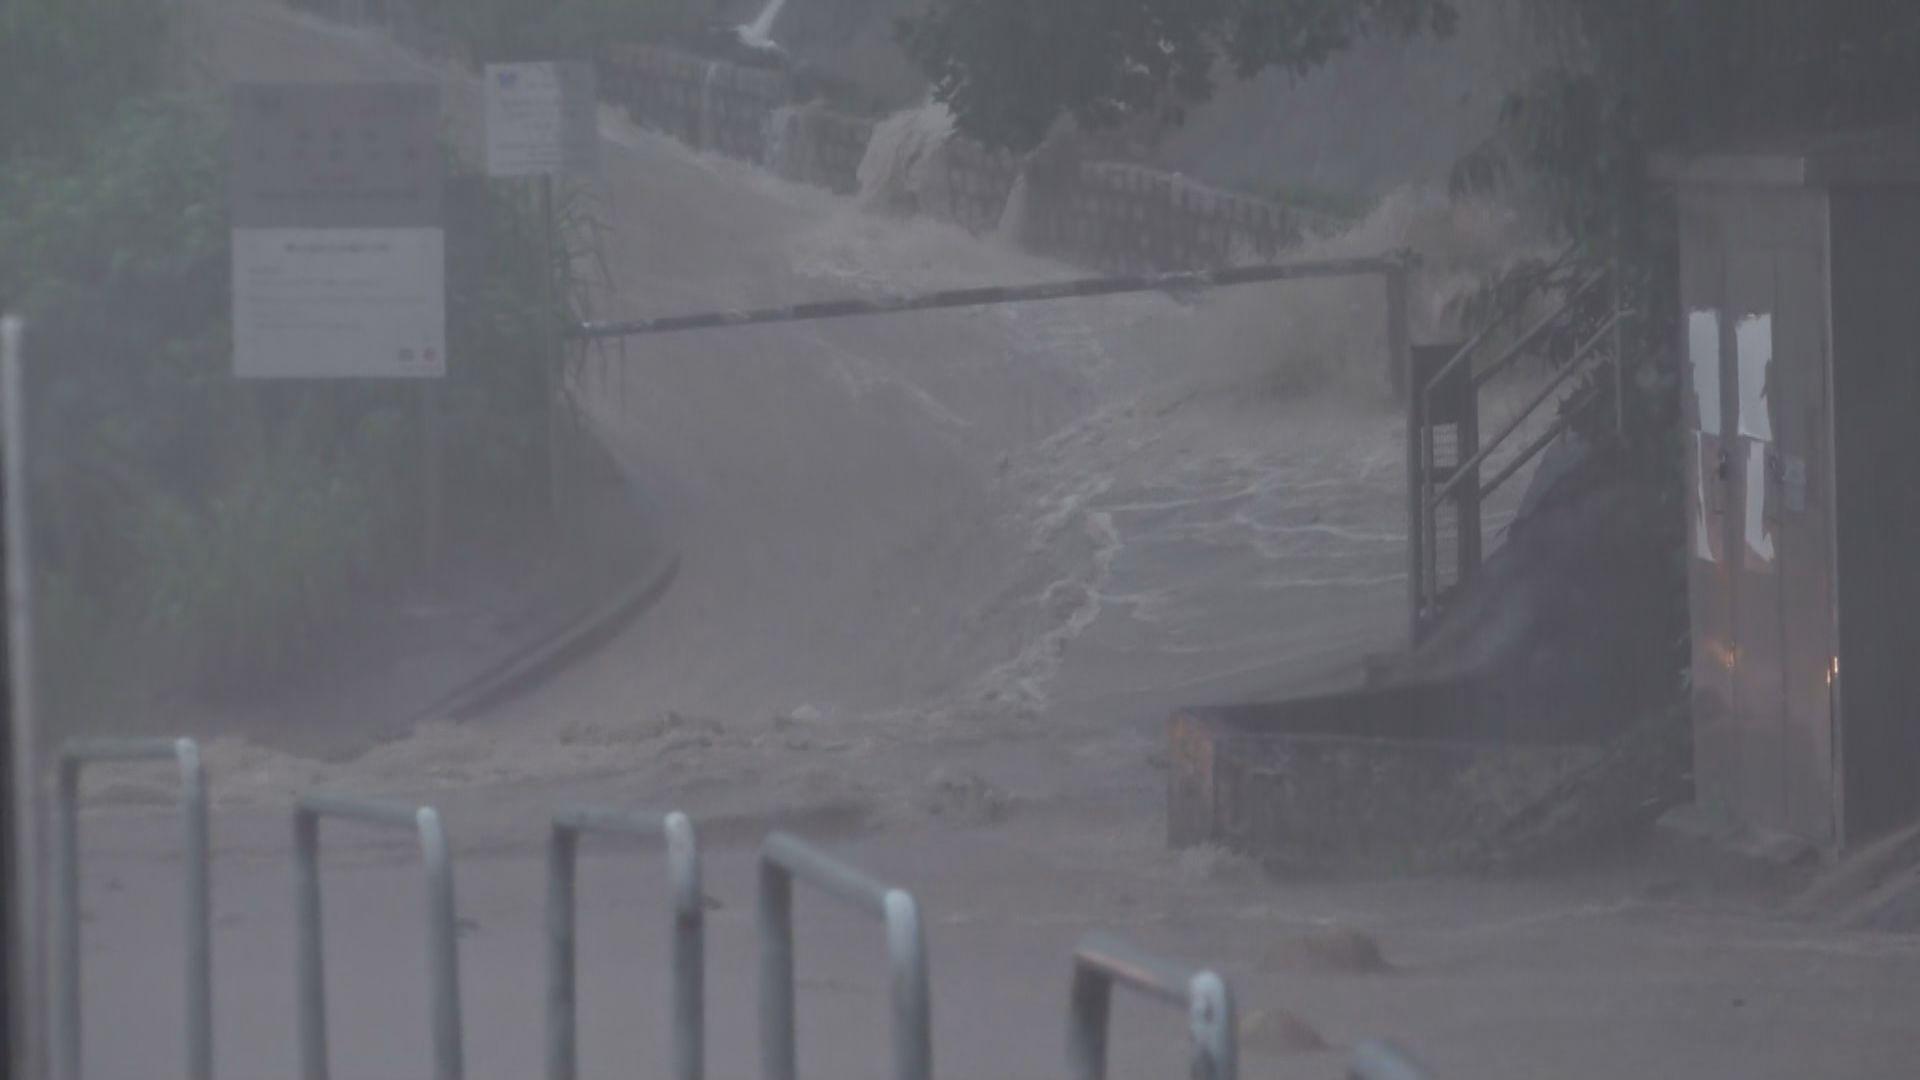 天文台發黑色暴雨警告信號 港島摩星嶺徑出現山泥傾瀉